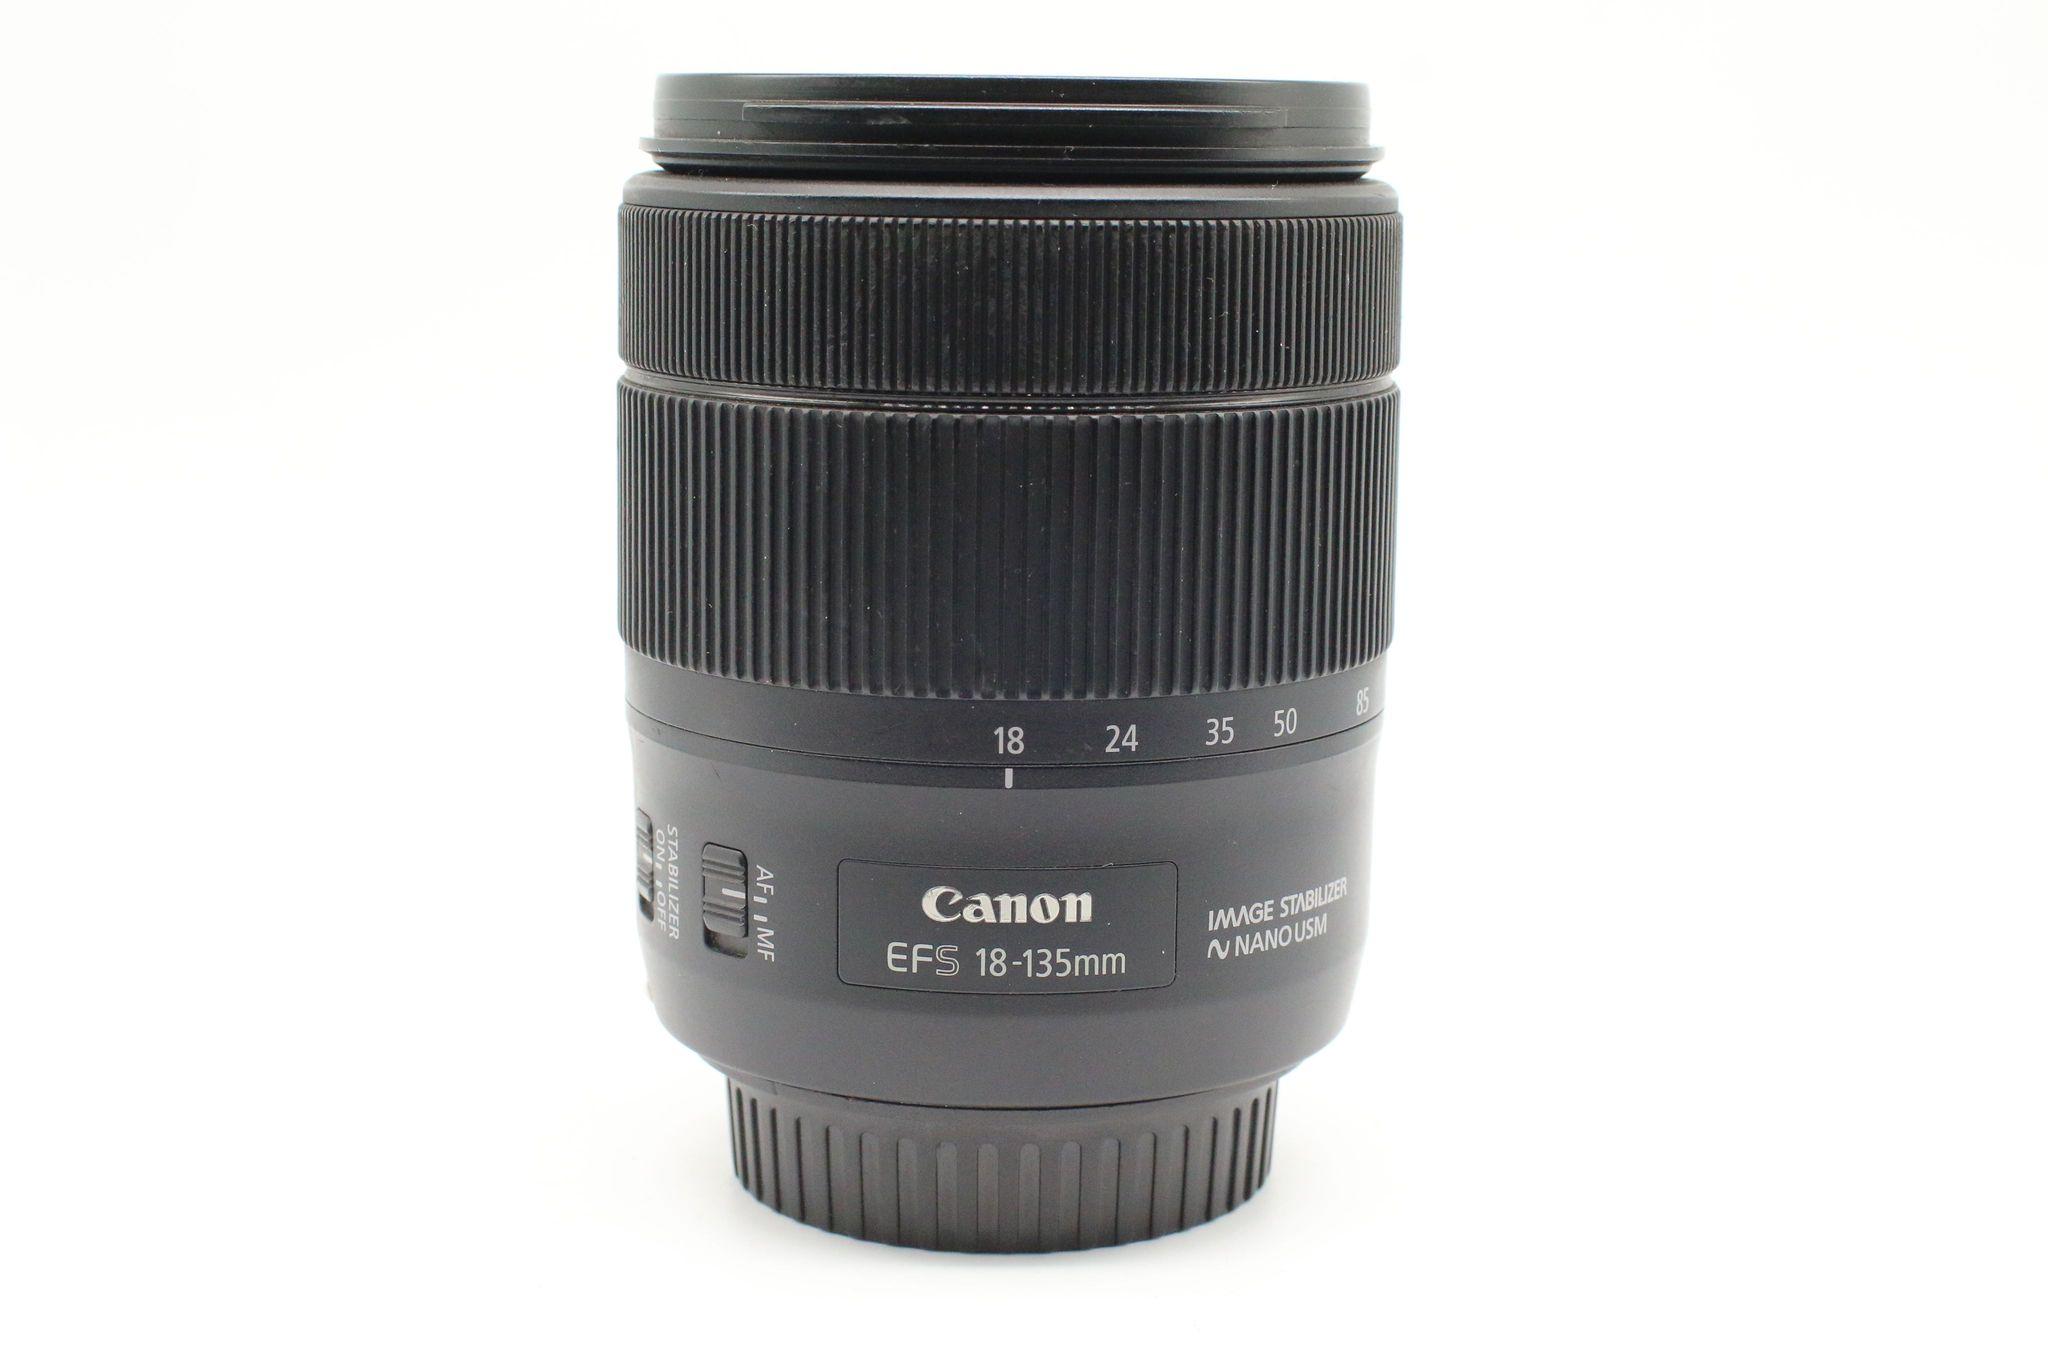 Ống kính Canon EF-S 18-135mm f/3.5-5.6 IS Nano USM